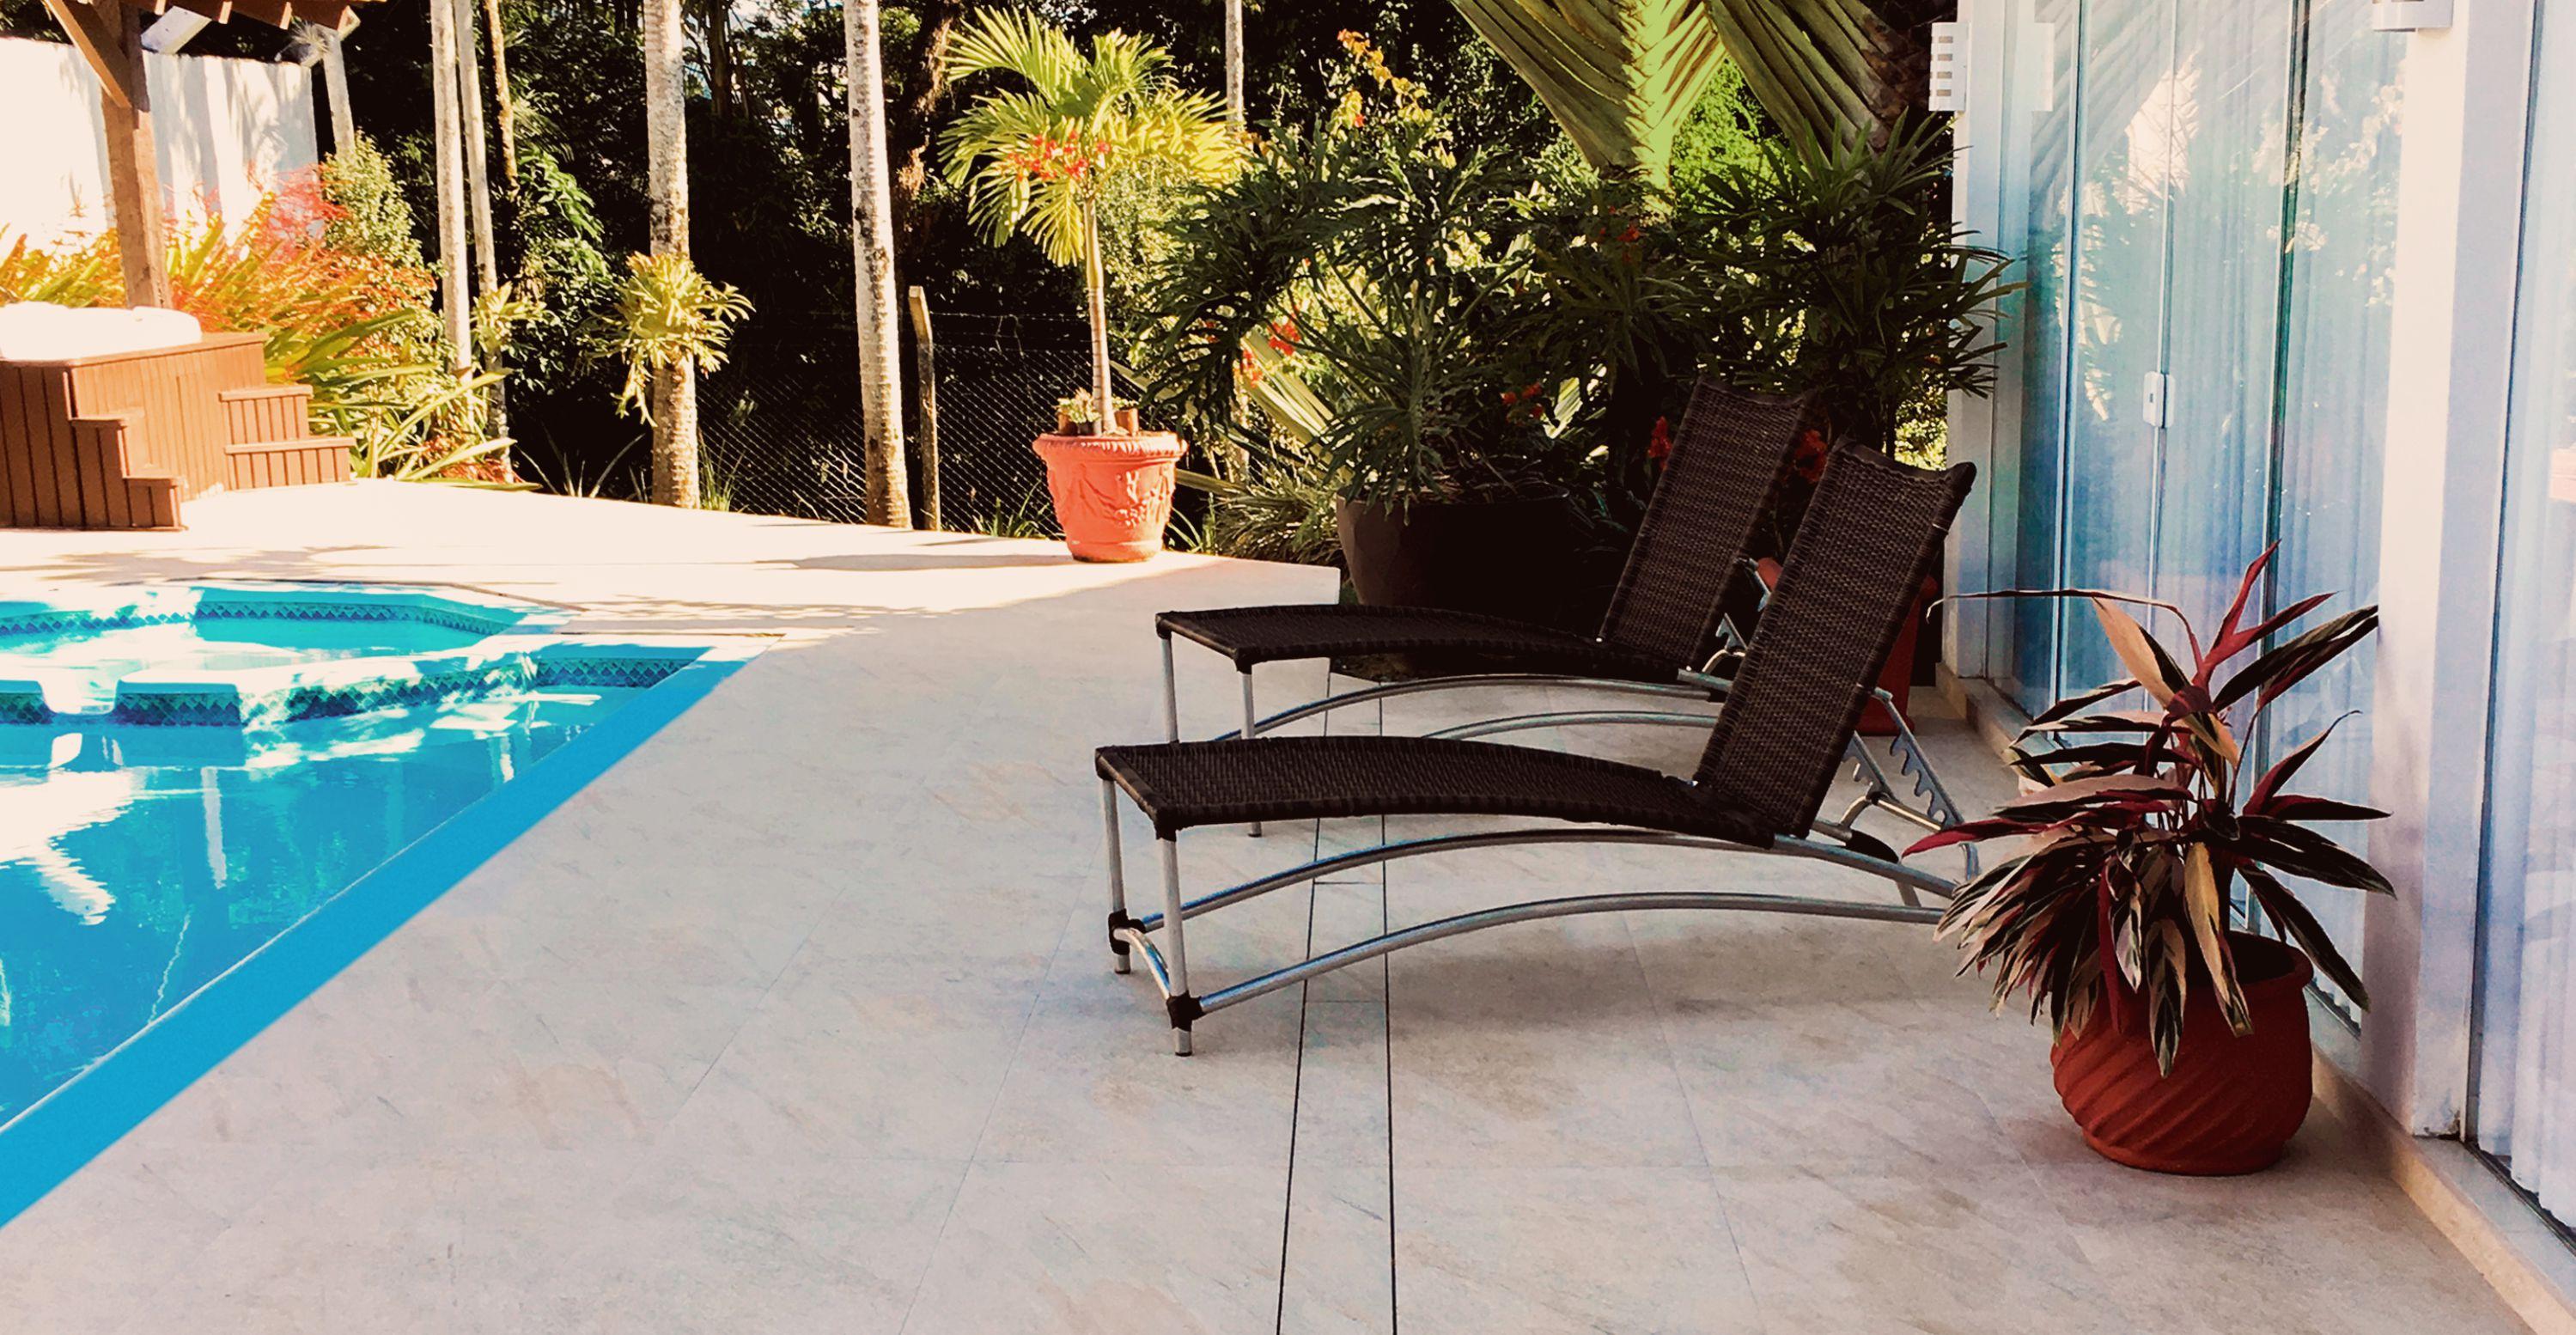 Mudanças estruturais auxiliam na segurança de crianças em piscinas 1